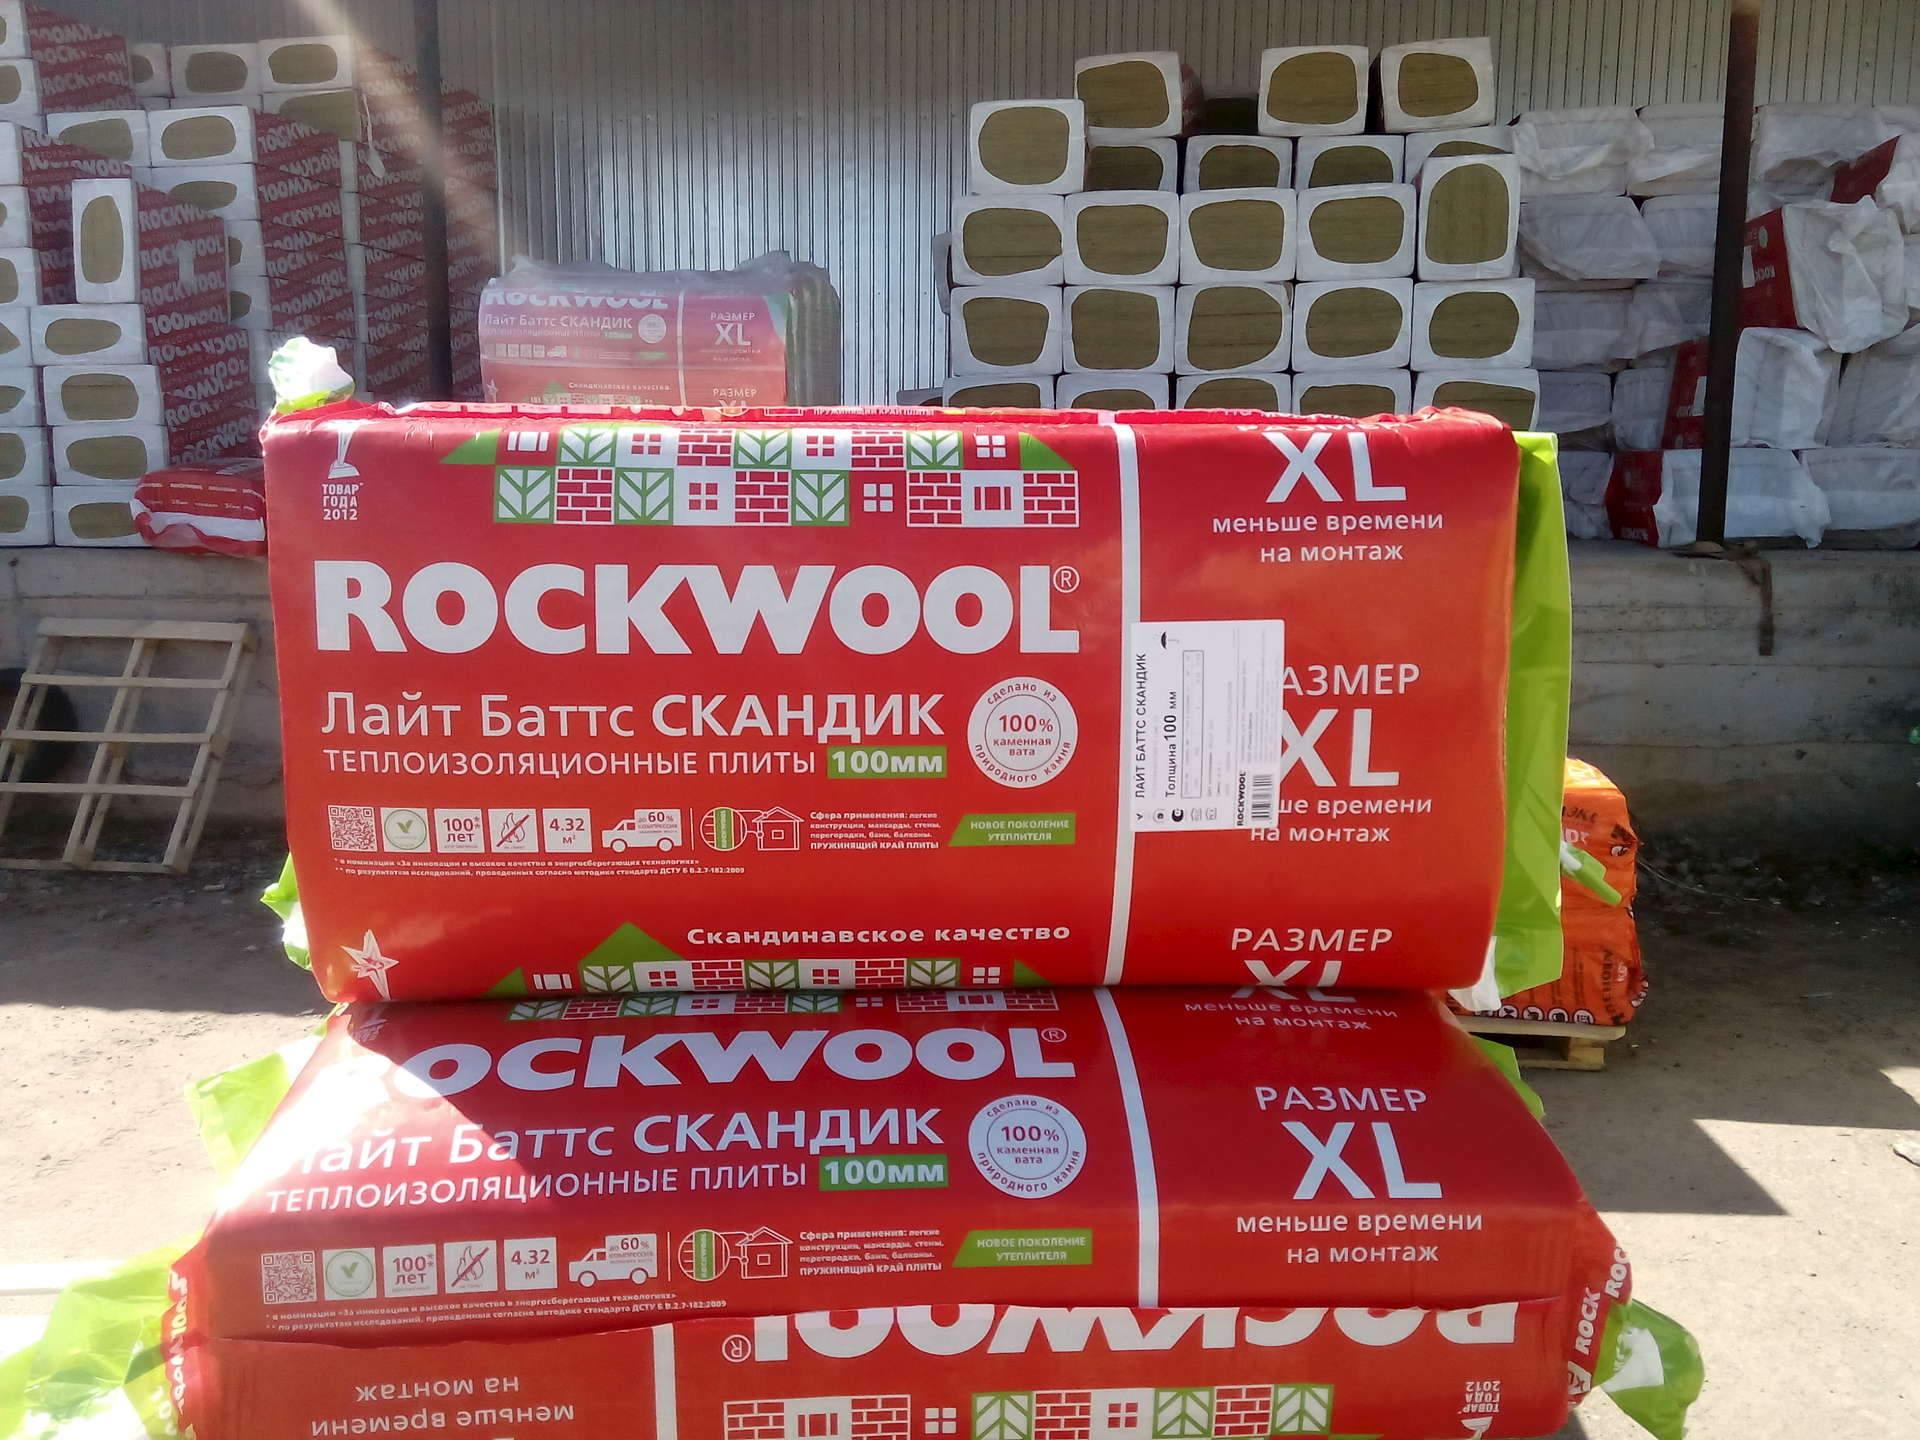 Rockwool частные объявления подать объявление бесплатно делаем выбор